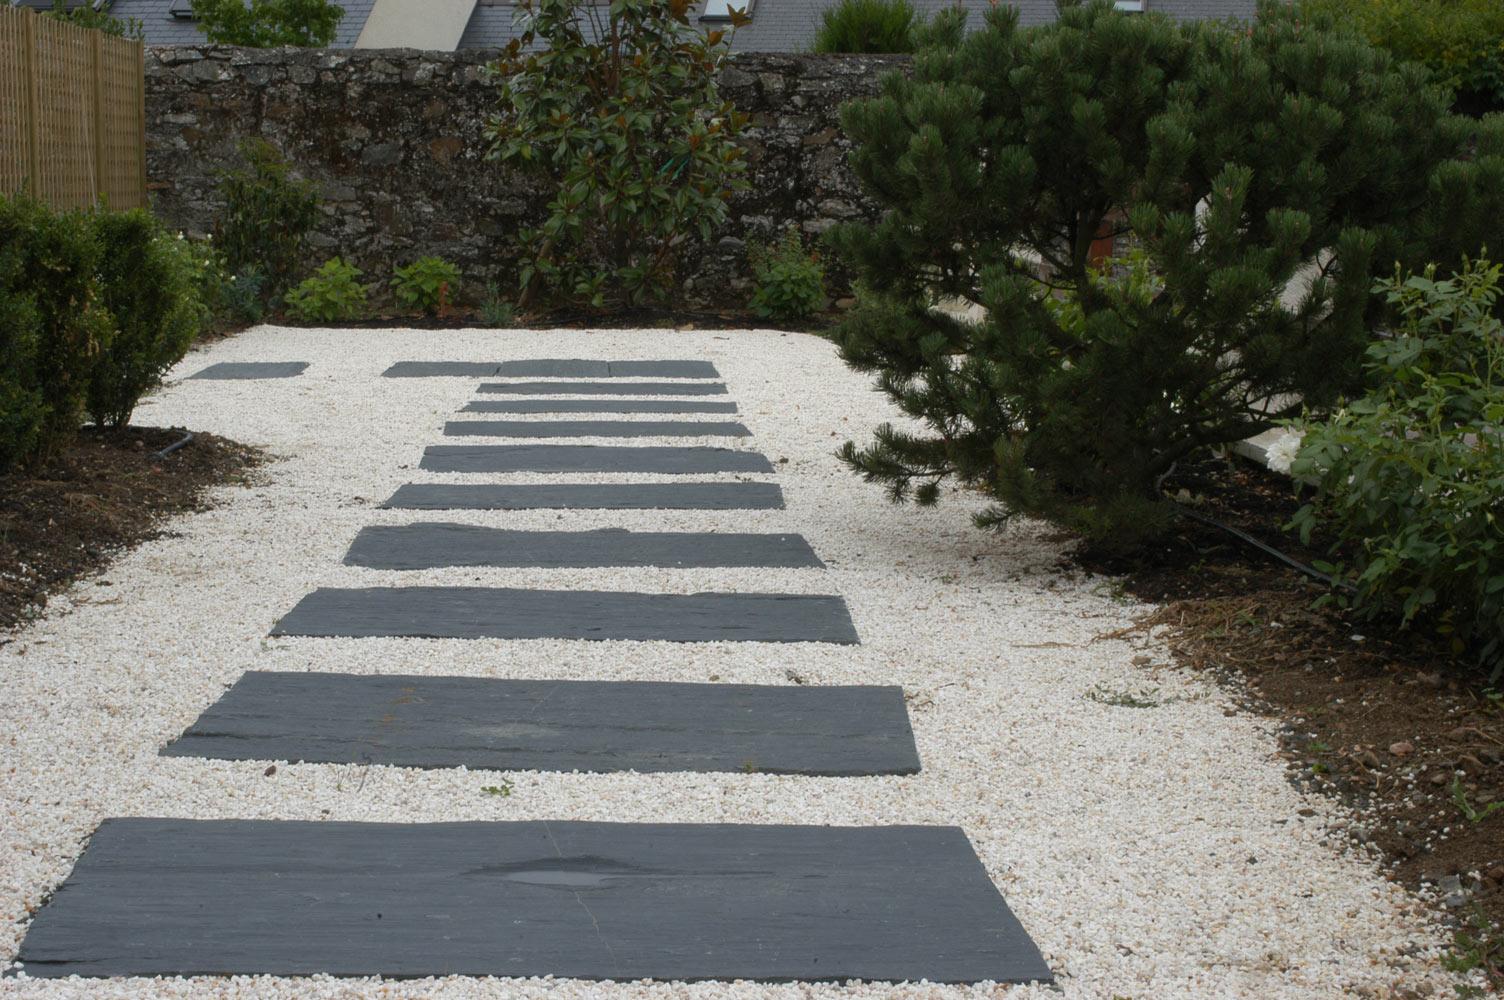 schiefer rustikal fliesen aus stein. Black Bedroom Furniture Sets. Home Design Ideas